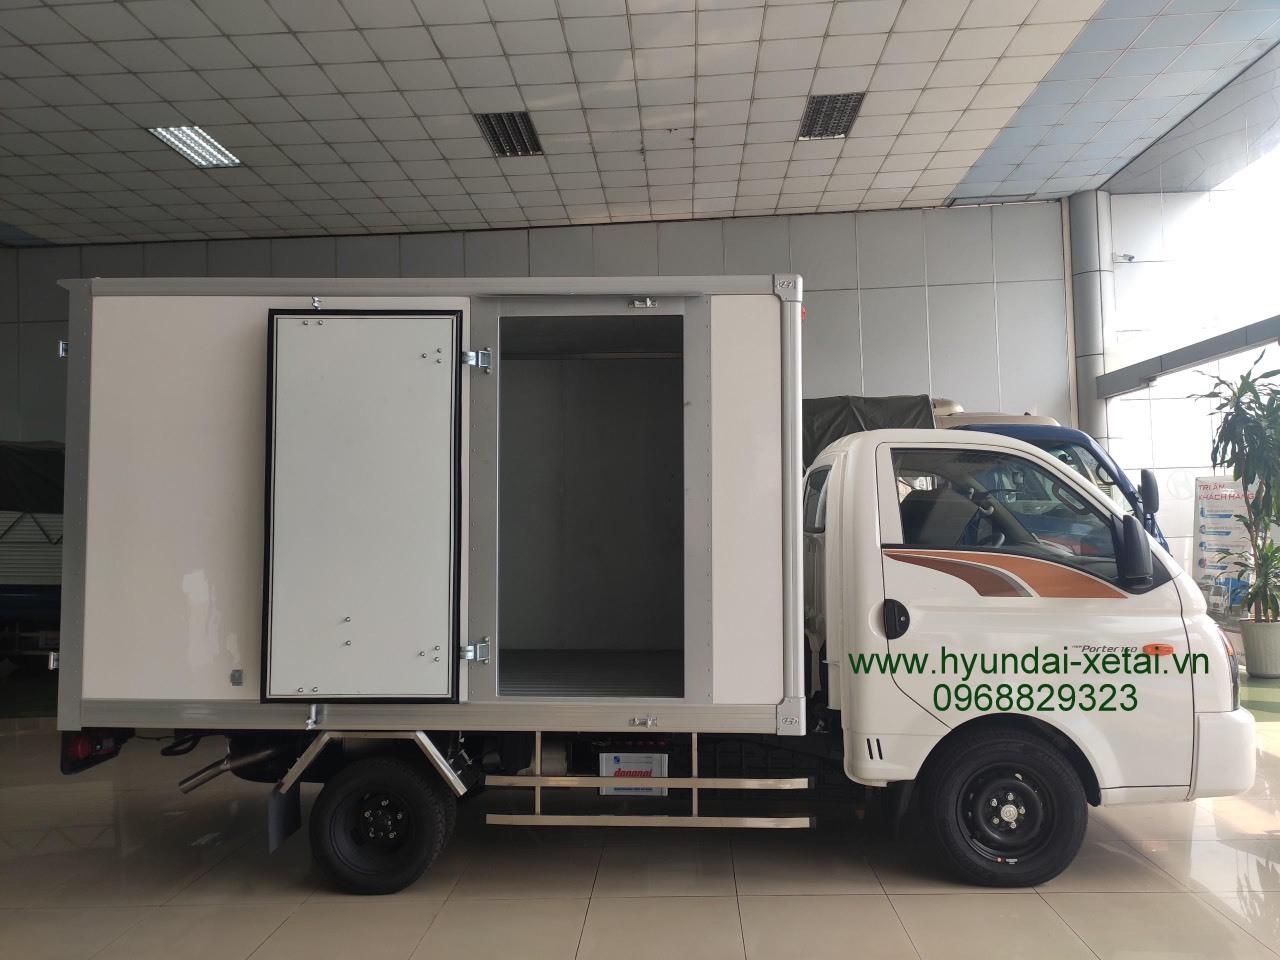 Giá xe tải H150 Hyundai thùng kín composite 2020